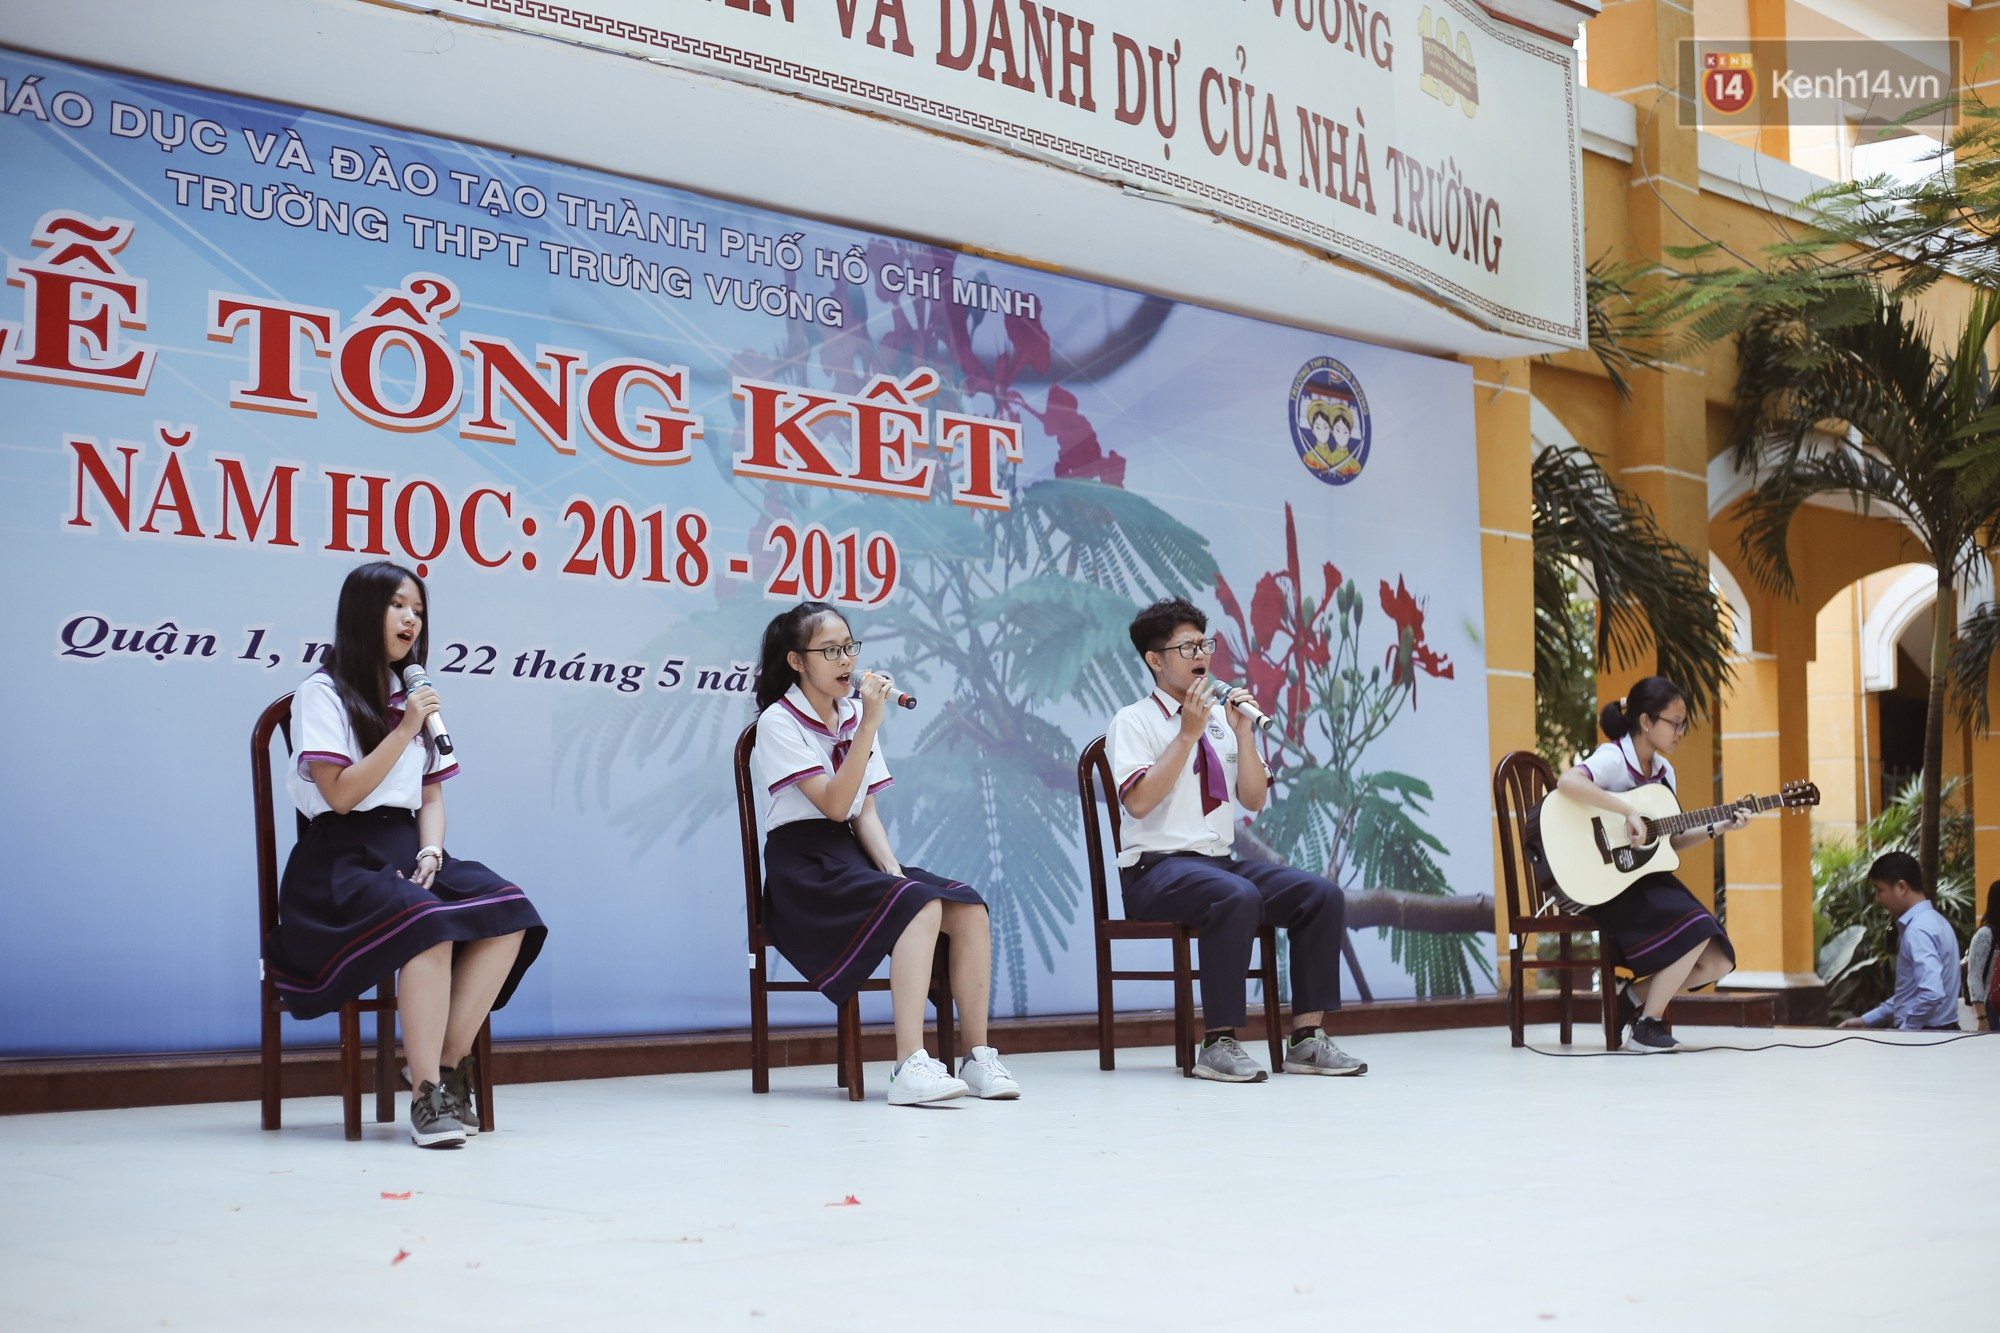 Lưu luyến trước nhan sắc trong veo đúng tuổi 18 của nữ sinh trường THPT Trưng Vương - Ảnh 4.